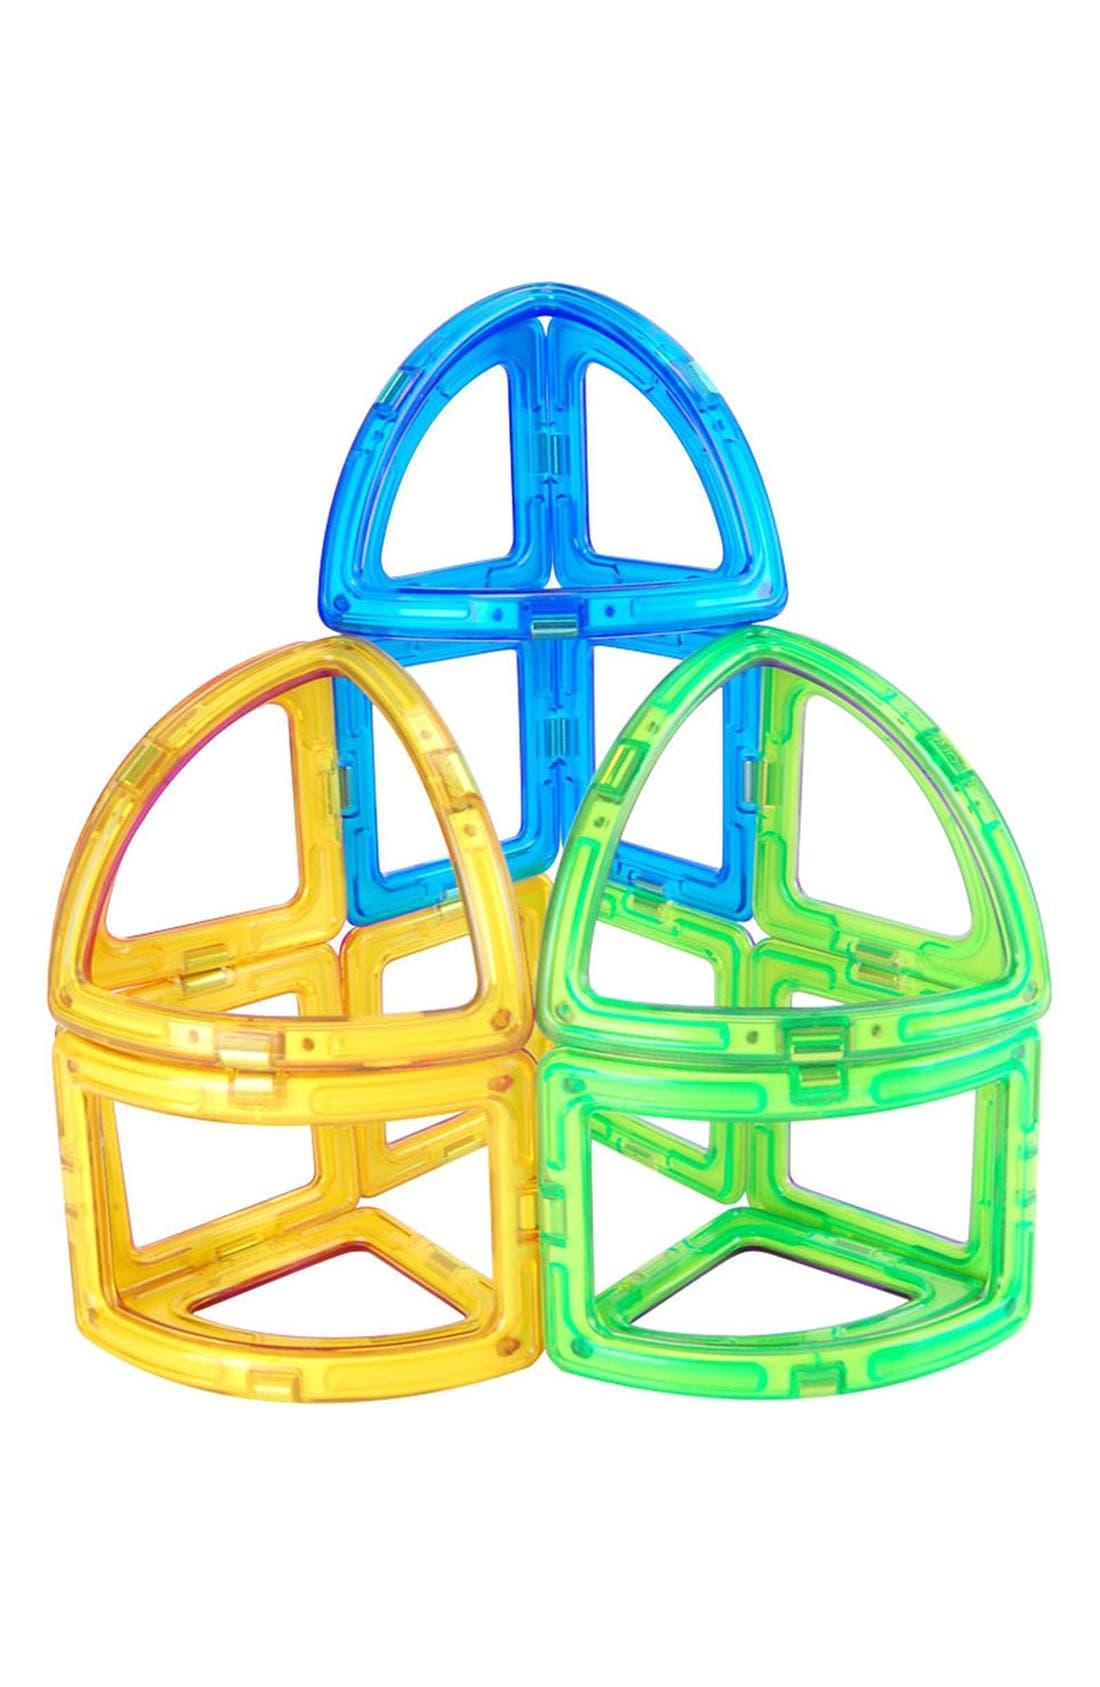 'Creator - Unique' Magnetic 3D Construction Set,                             Alternate thumbnail 7, color,                             Rainbow